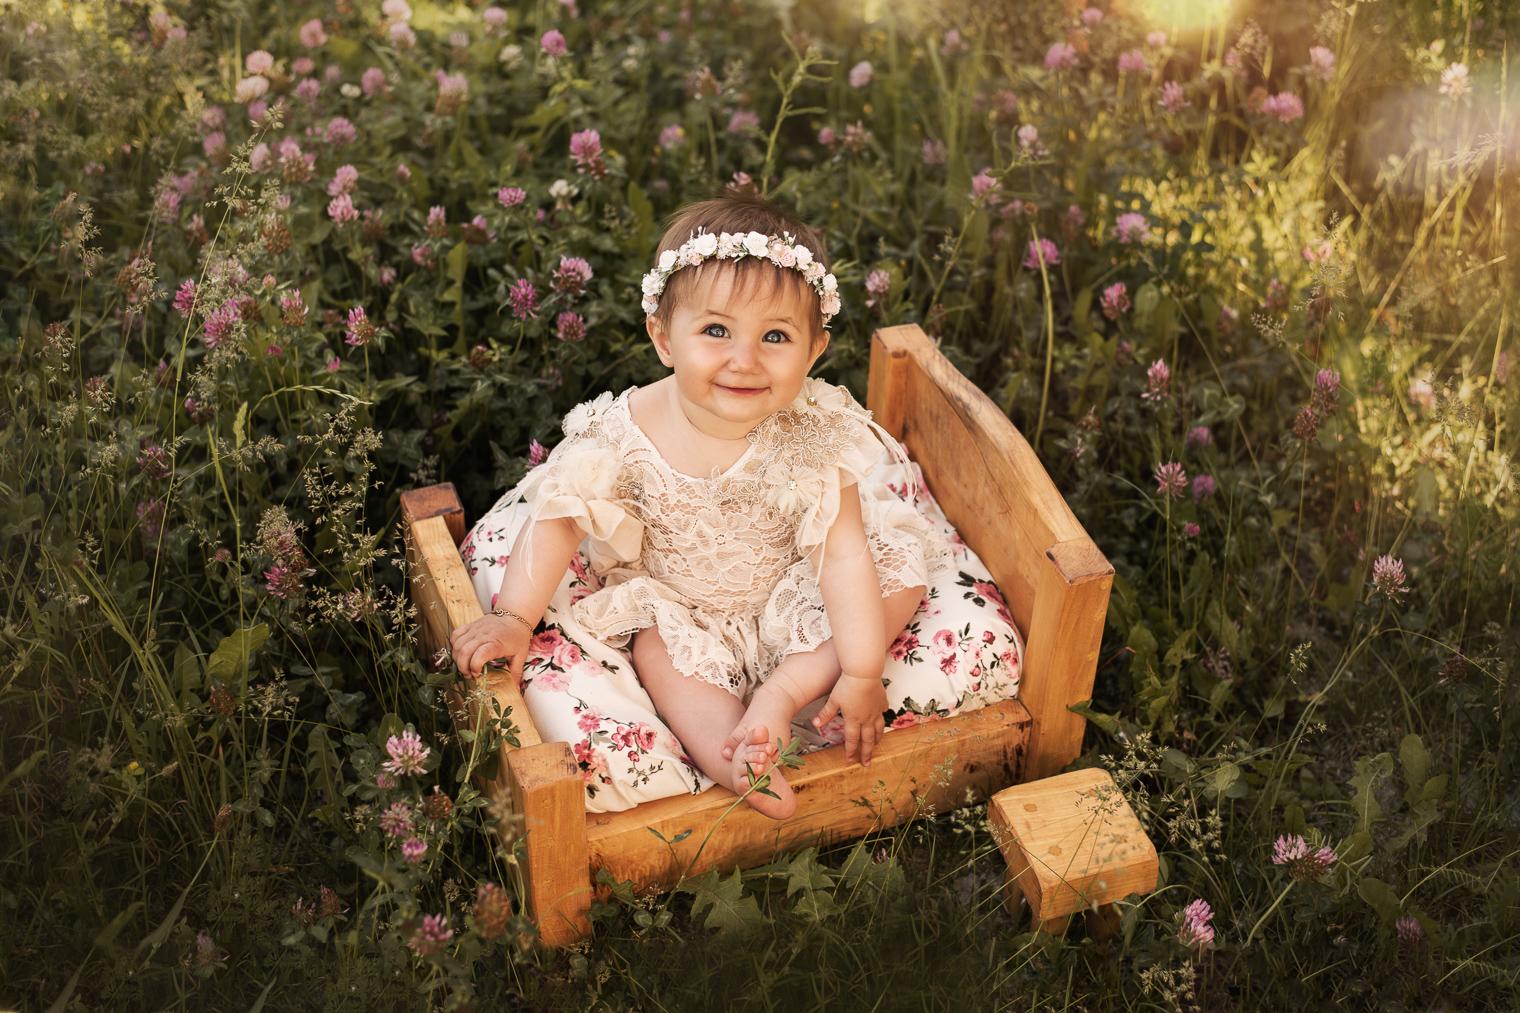 belinda lopez photo bebe enfant photographie famille grossesse nouveau-ne maternite photographe bourg-saint-maurice savoie belindalopez.fr-32